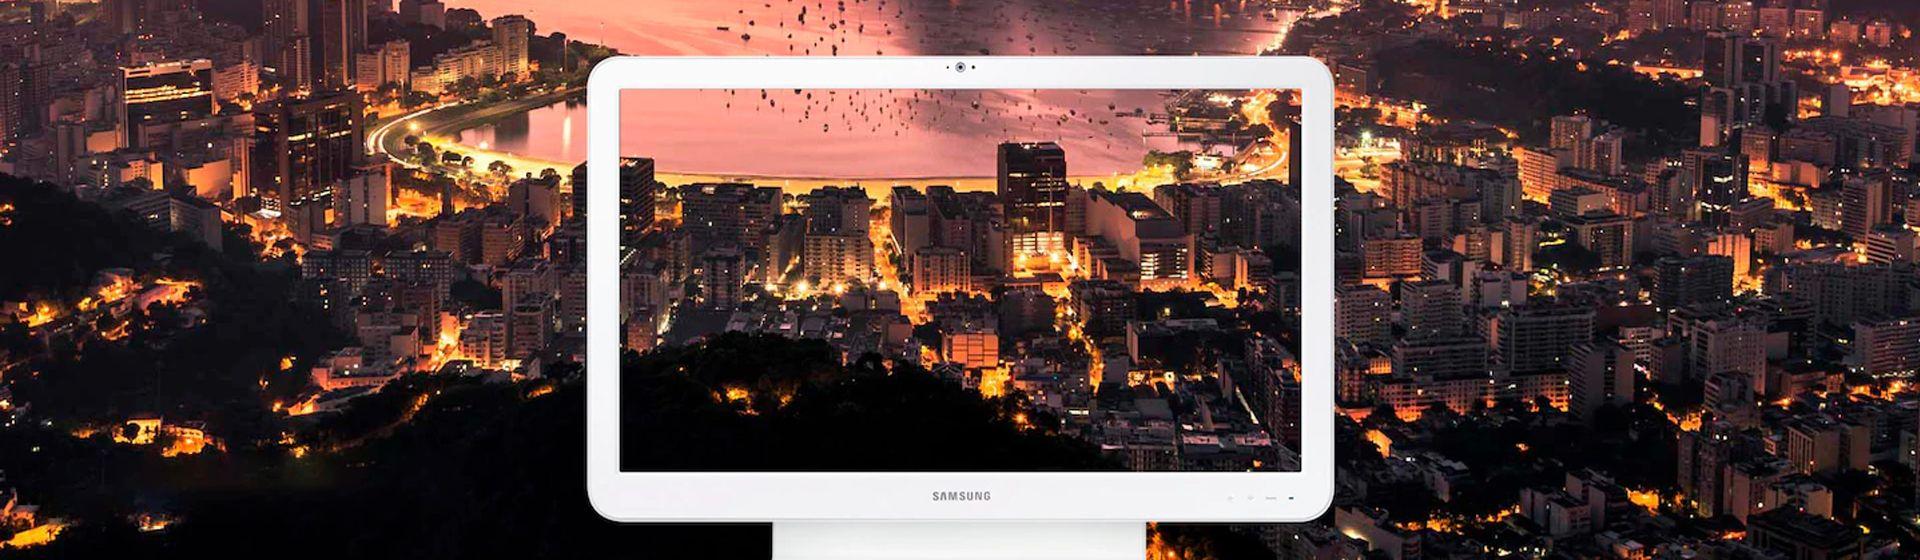 Samsung lança PCs da linha All in One no Brasil; veja preço e detalhes